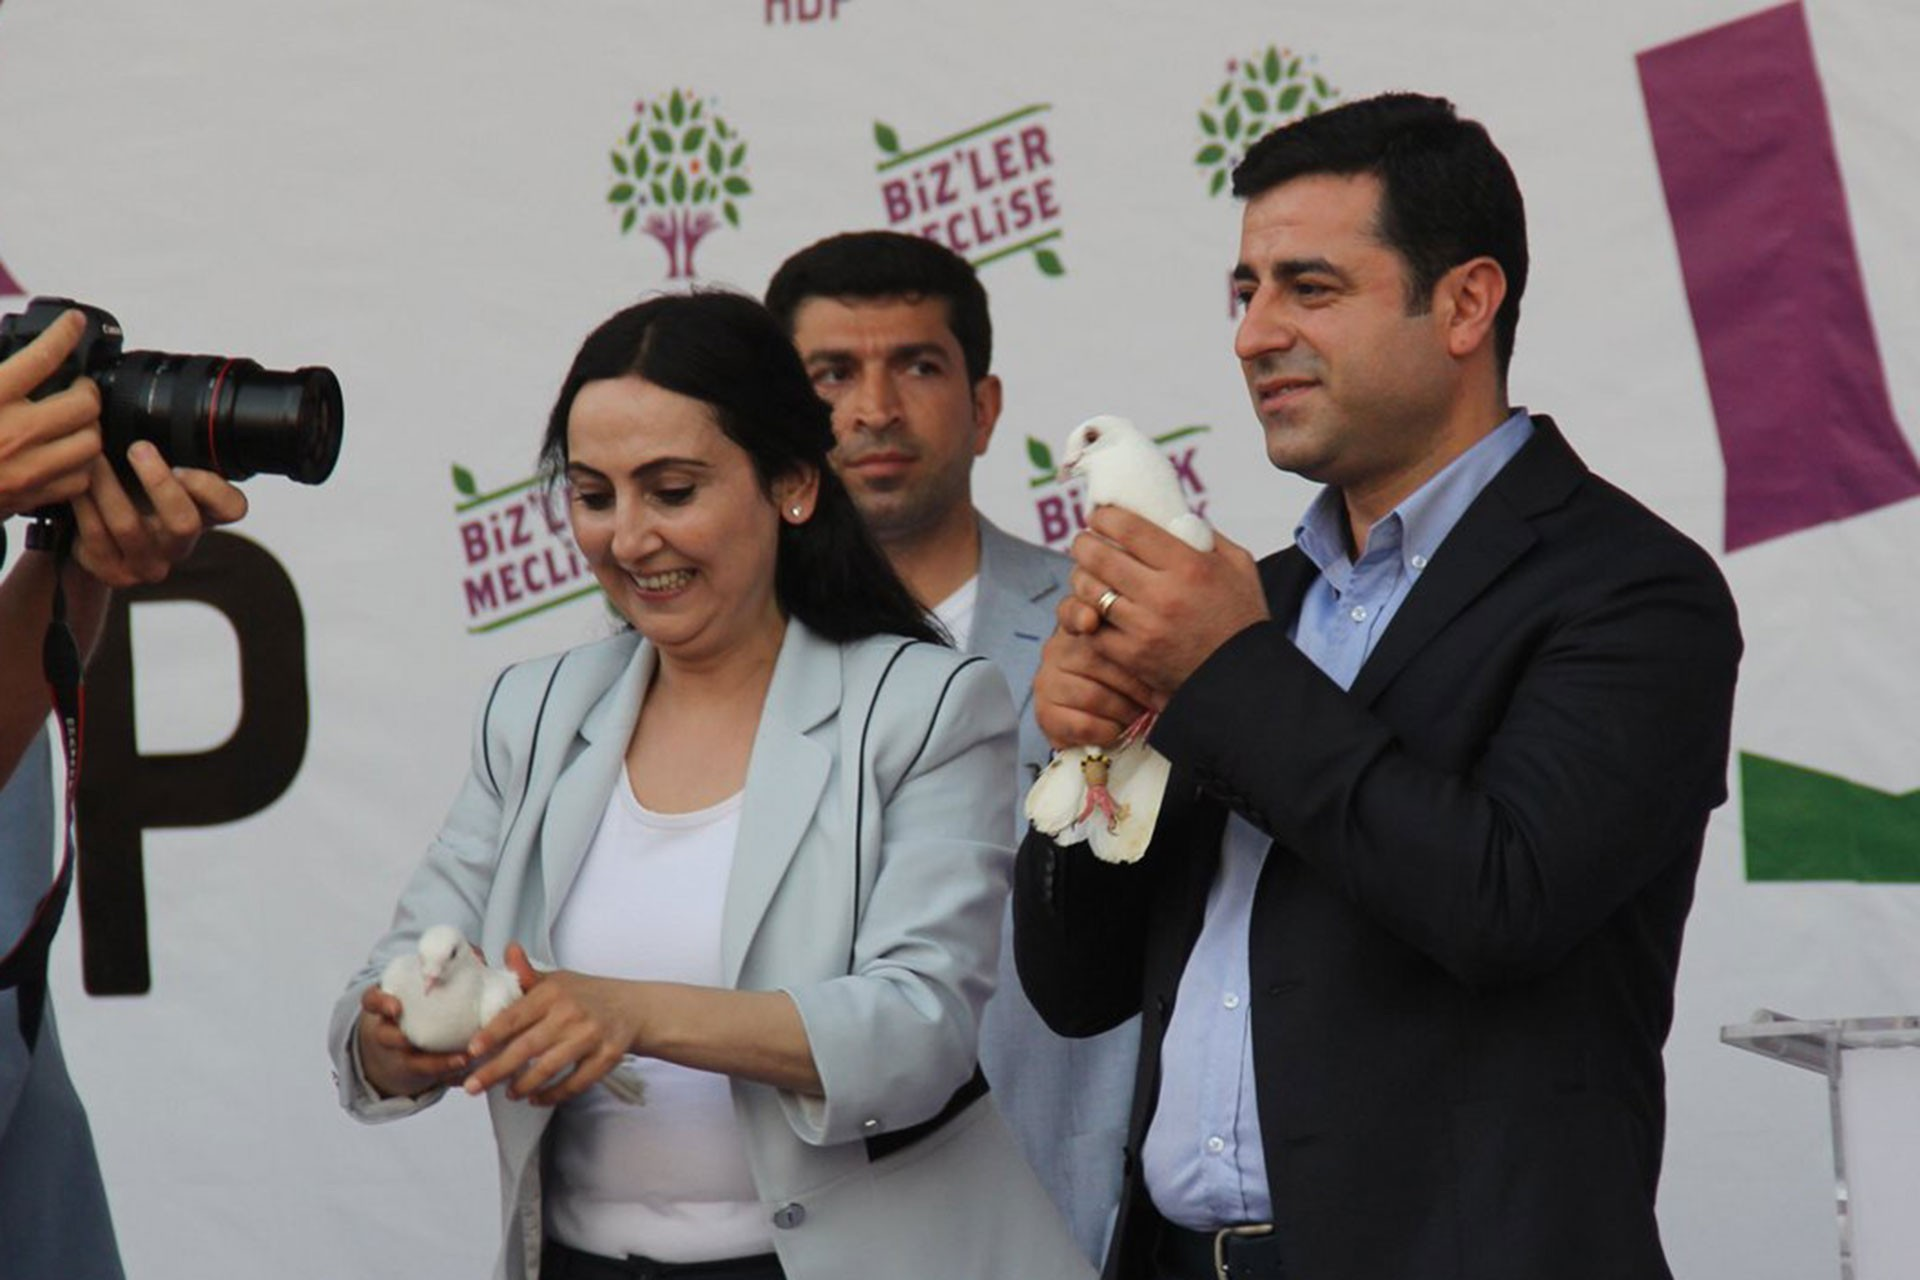 'Demirtaş ve Yüksekdağ kararı, hiç kimsenin hukuki güvencesi olmadığını gösterdi'